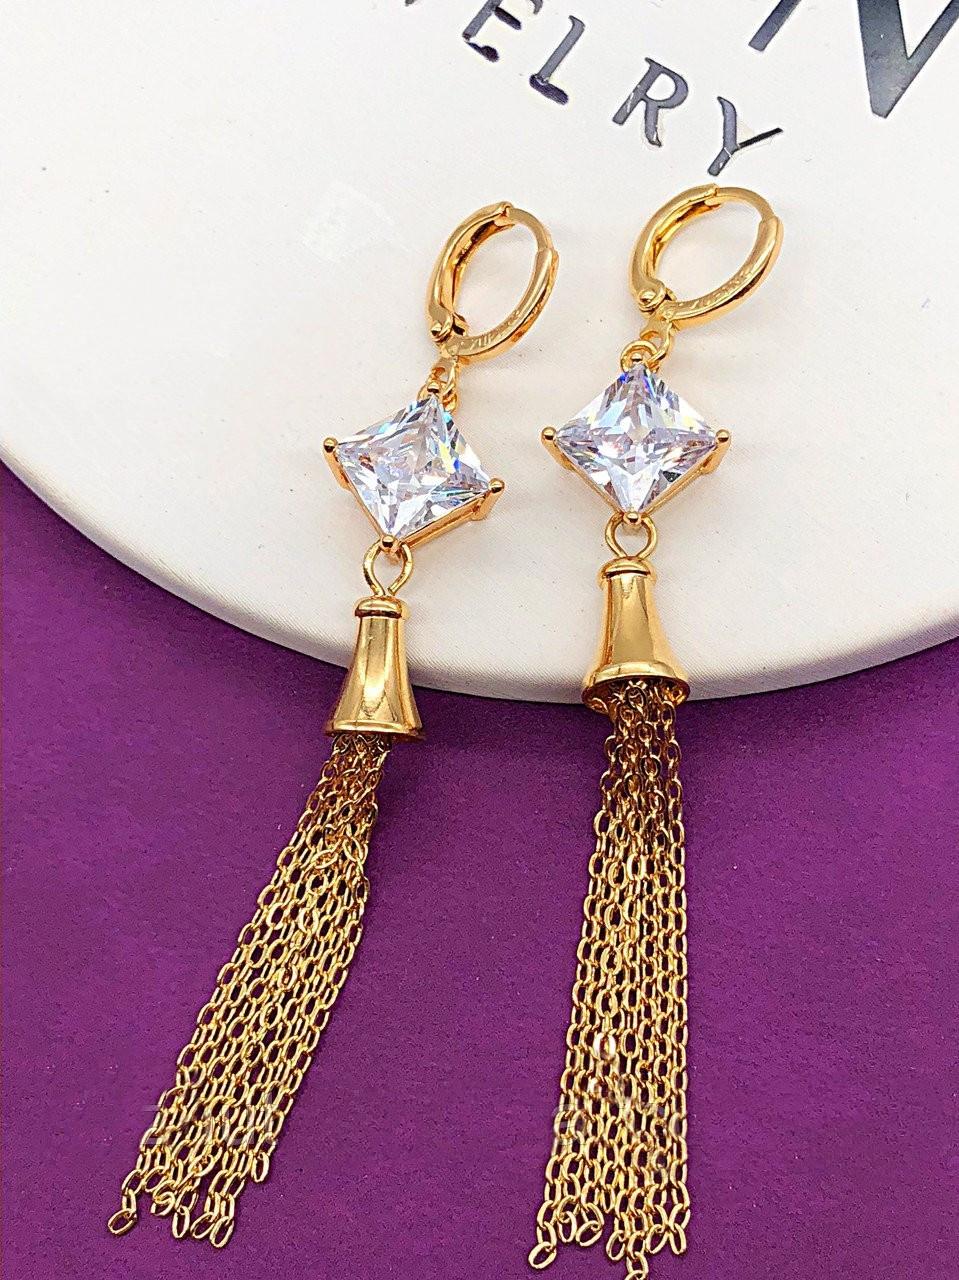 Оригинальные серьги-цепочки позолота XР. Медицинское золото. Код 5890 -  интернет- 57367e7d9d2